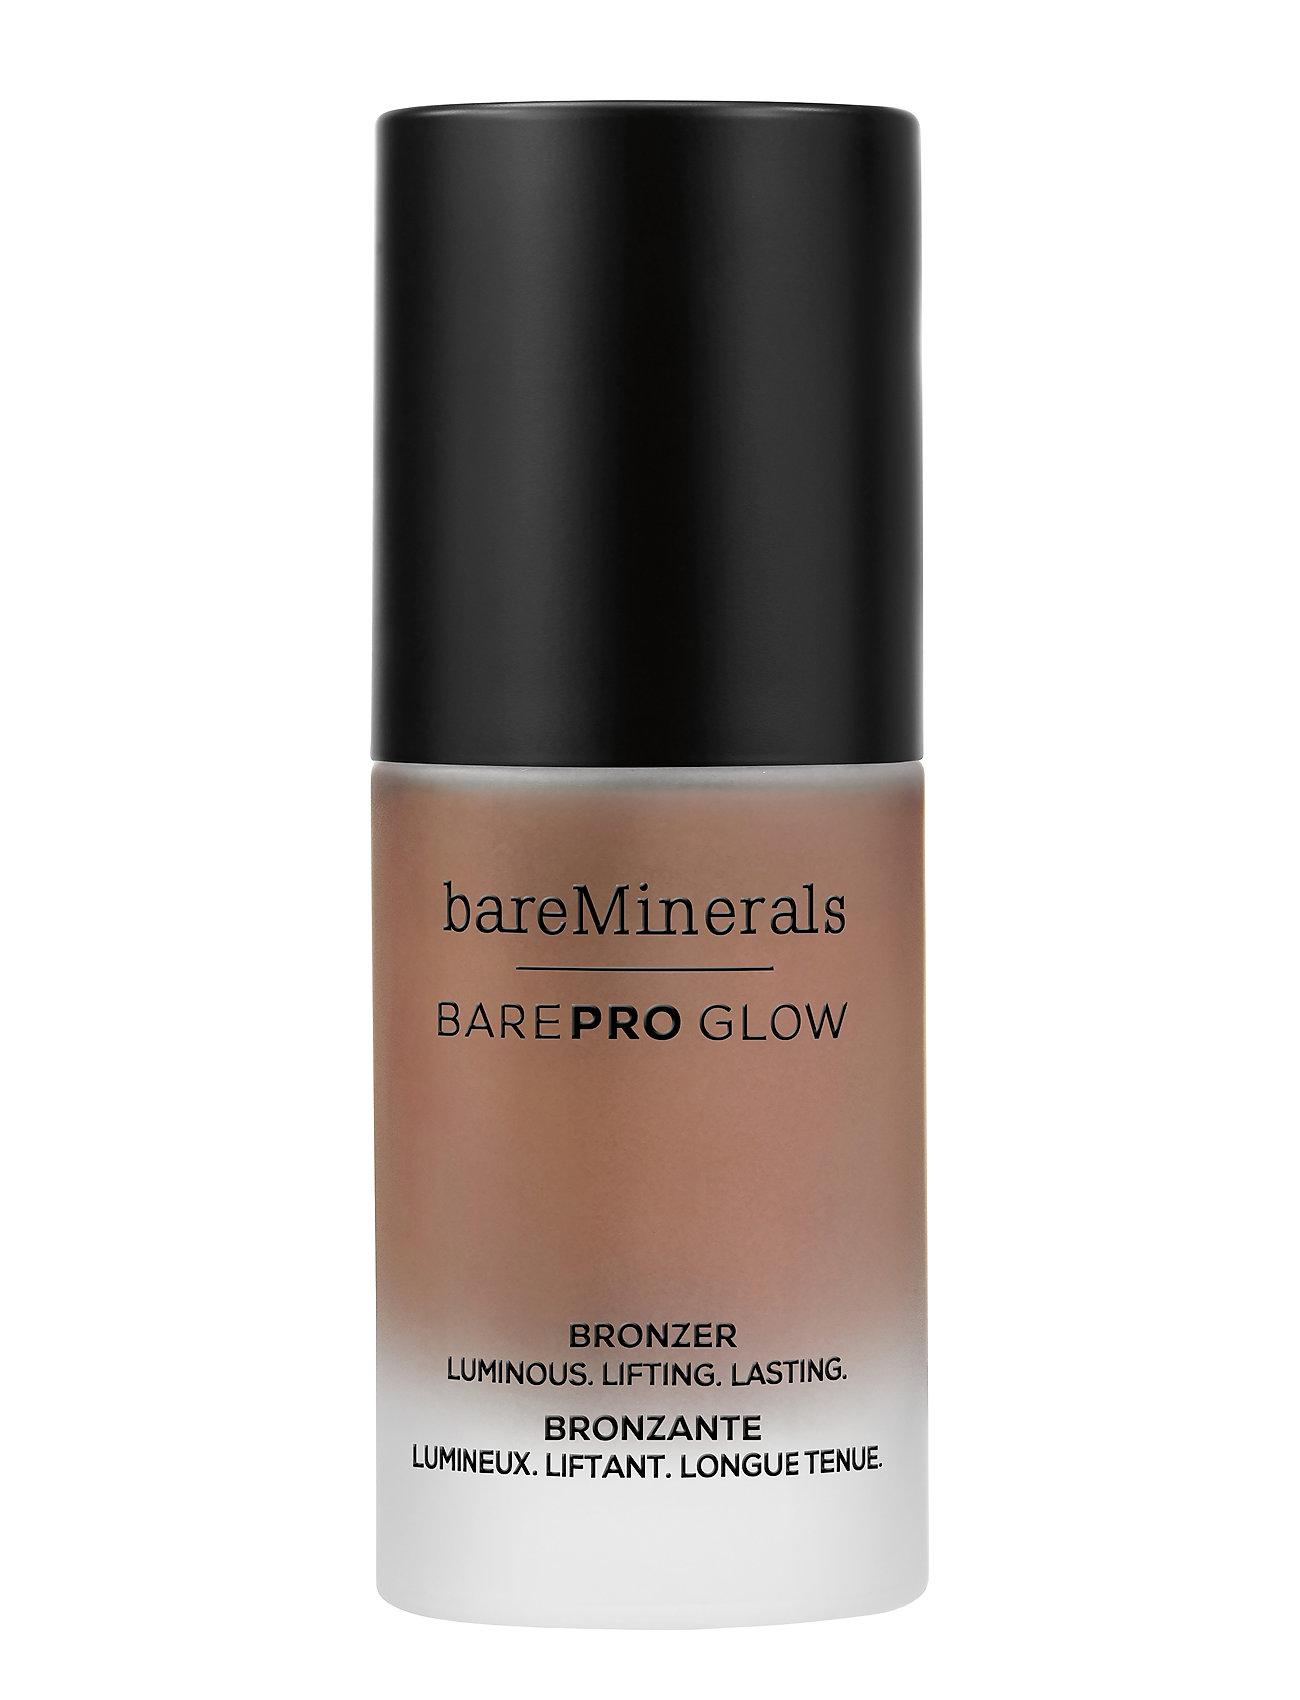 Image of Barepro Glow Bronzer Warmth Bronzer Solpudder Multi/mønstret BareMinerals (3374725147)